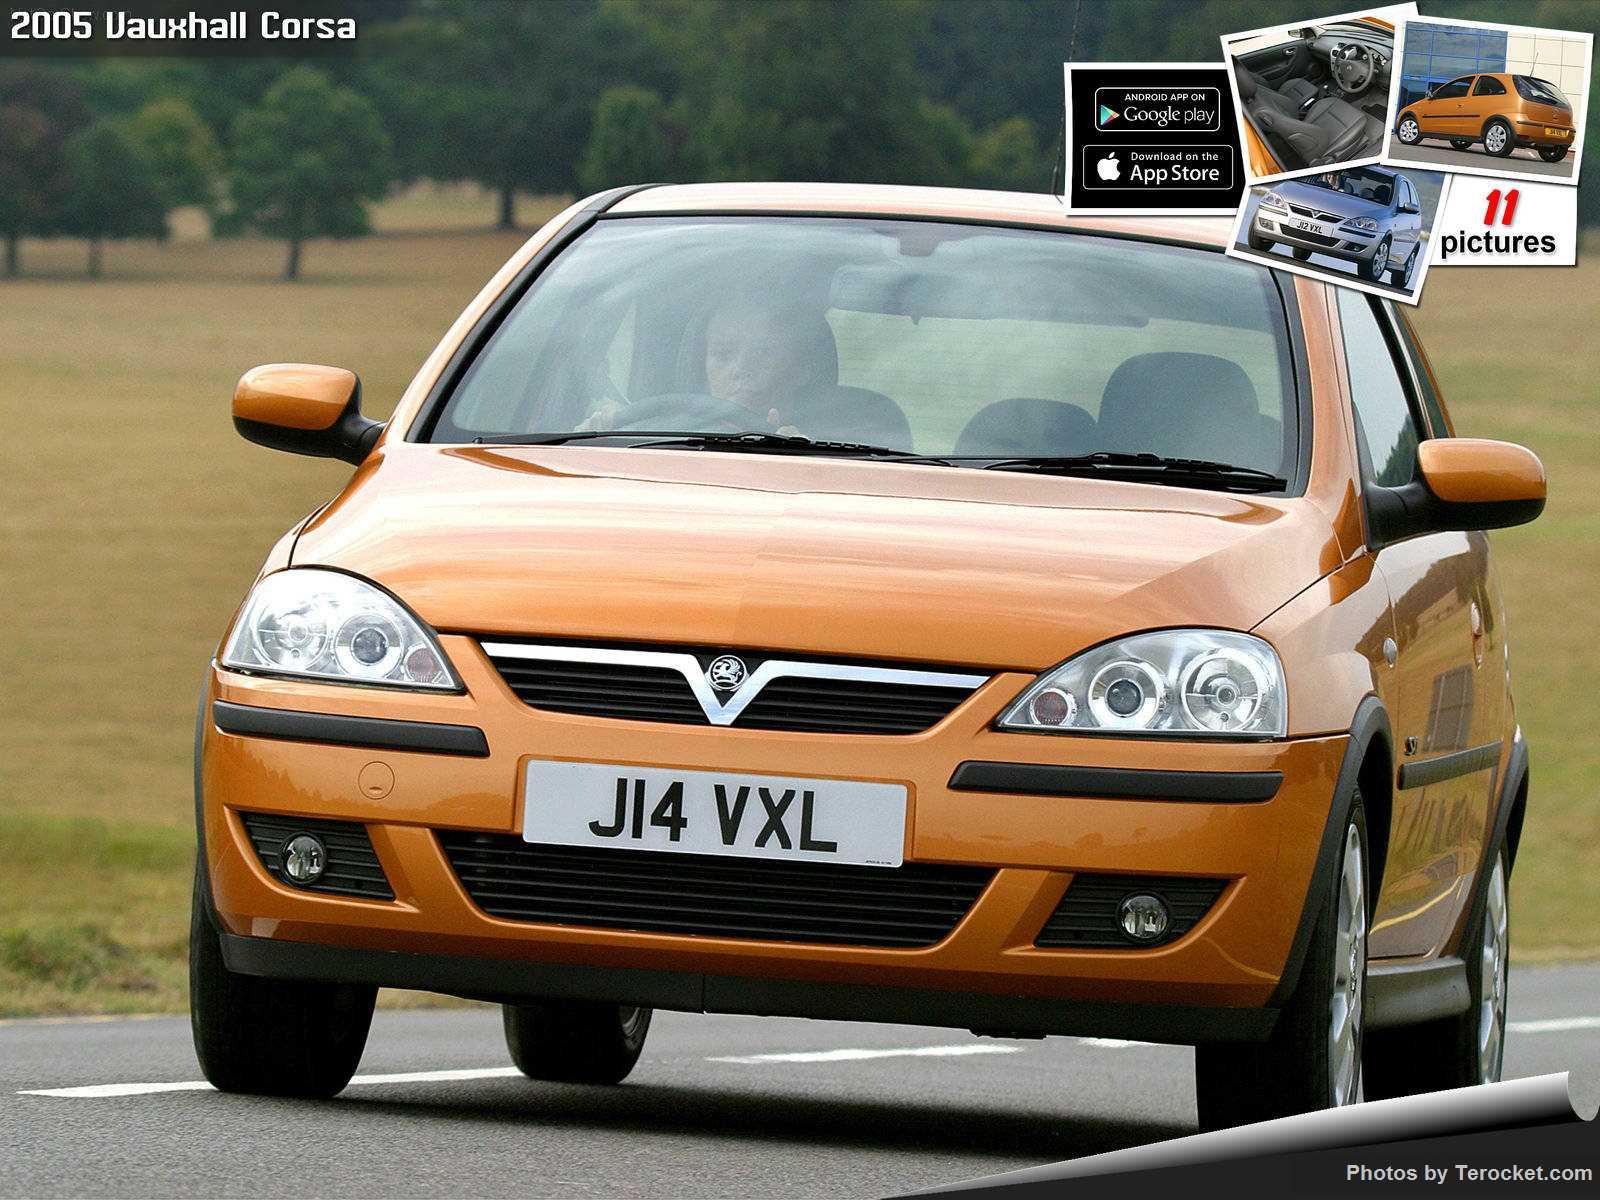 Hình ảnh xe ô tô Vauxhall Corsa 2005 & nội ngoại thất